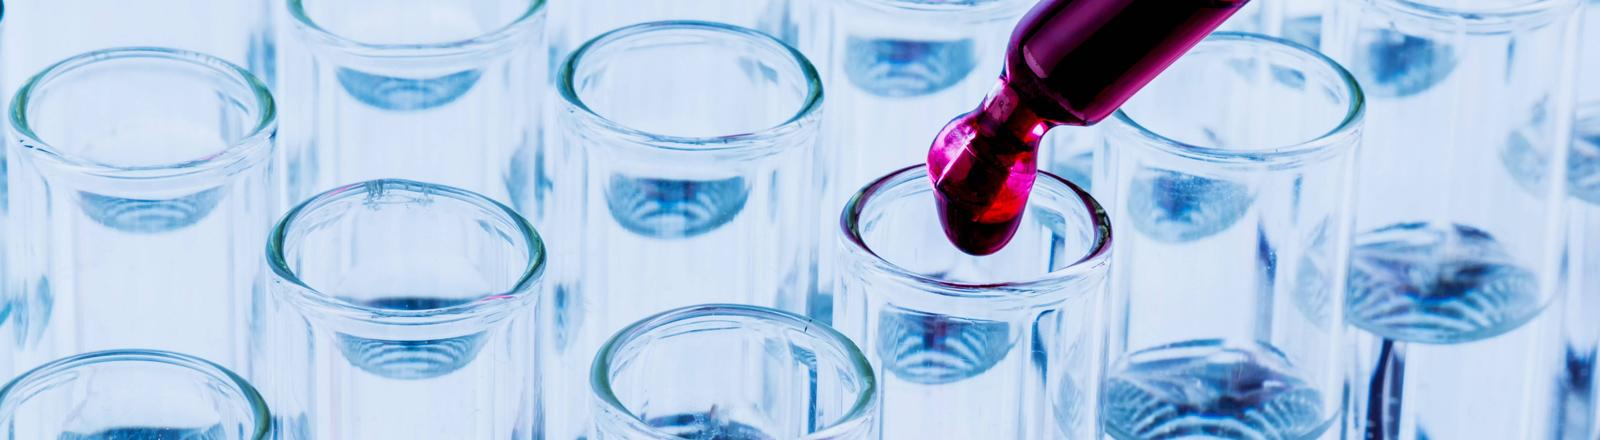 Eine gefärbte Flüssigkeit wird mit einer Pipette in Reagenzgläser getropft.